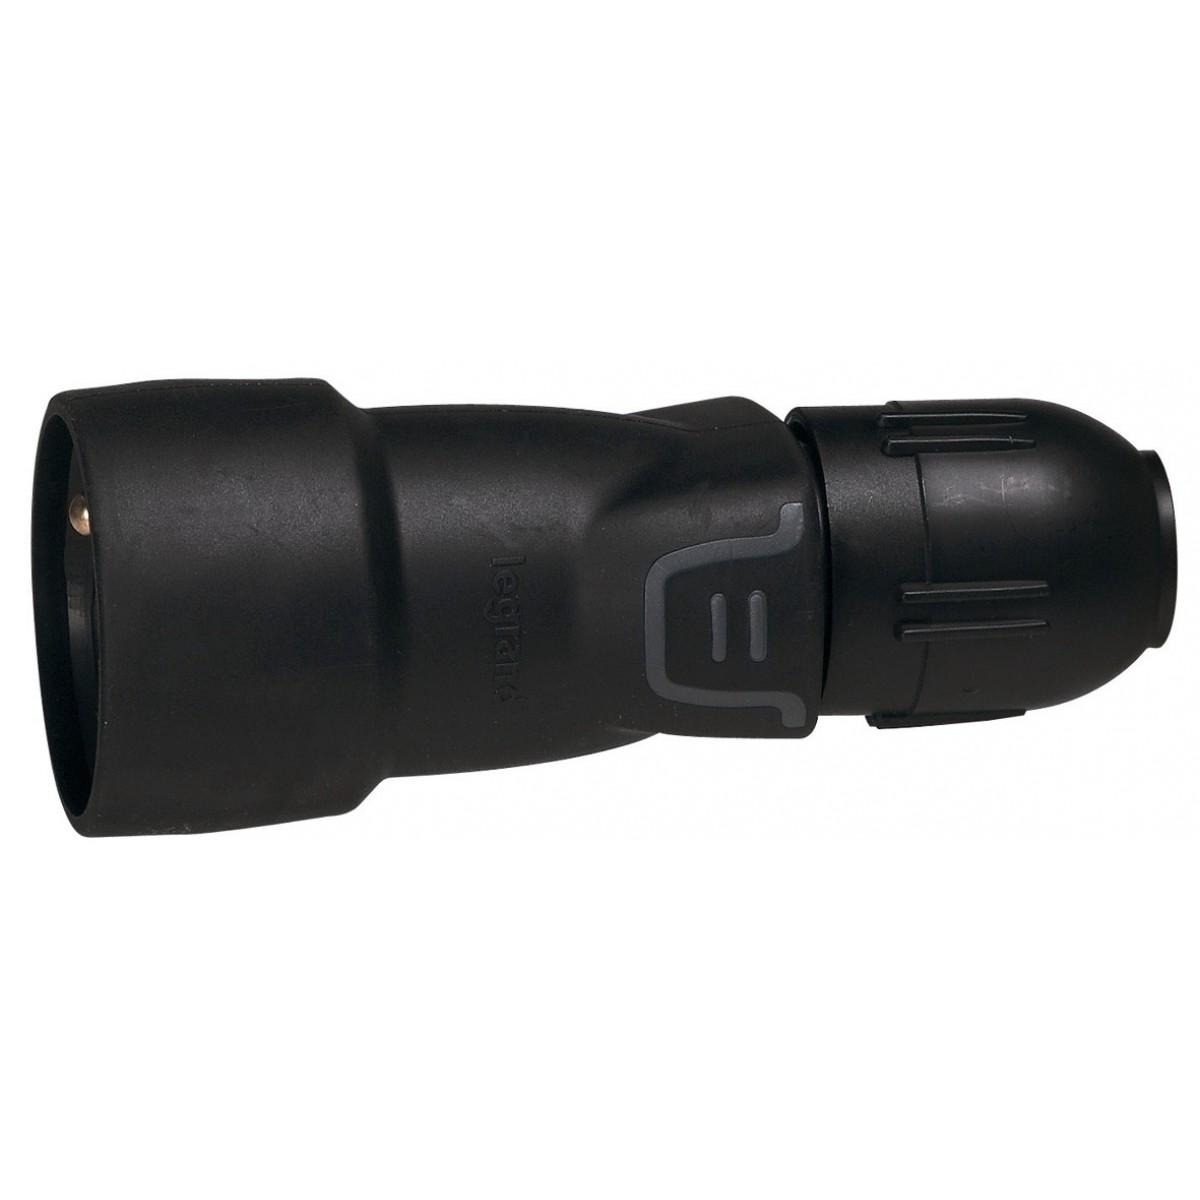 Fiche caoutchouc noire 2P+T 16 A Legrand - Connexion auto et presse-étoupe - Standard Femelle